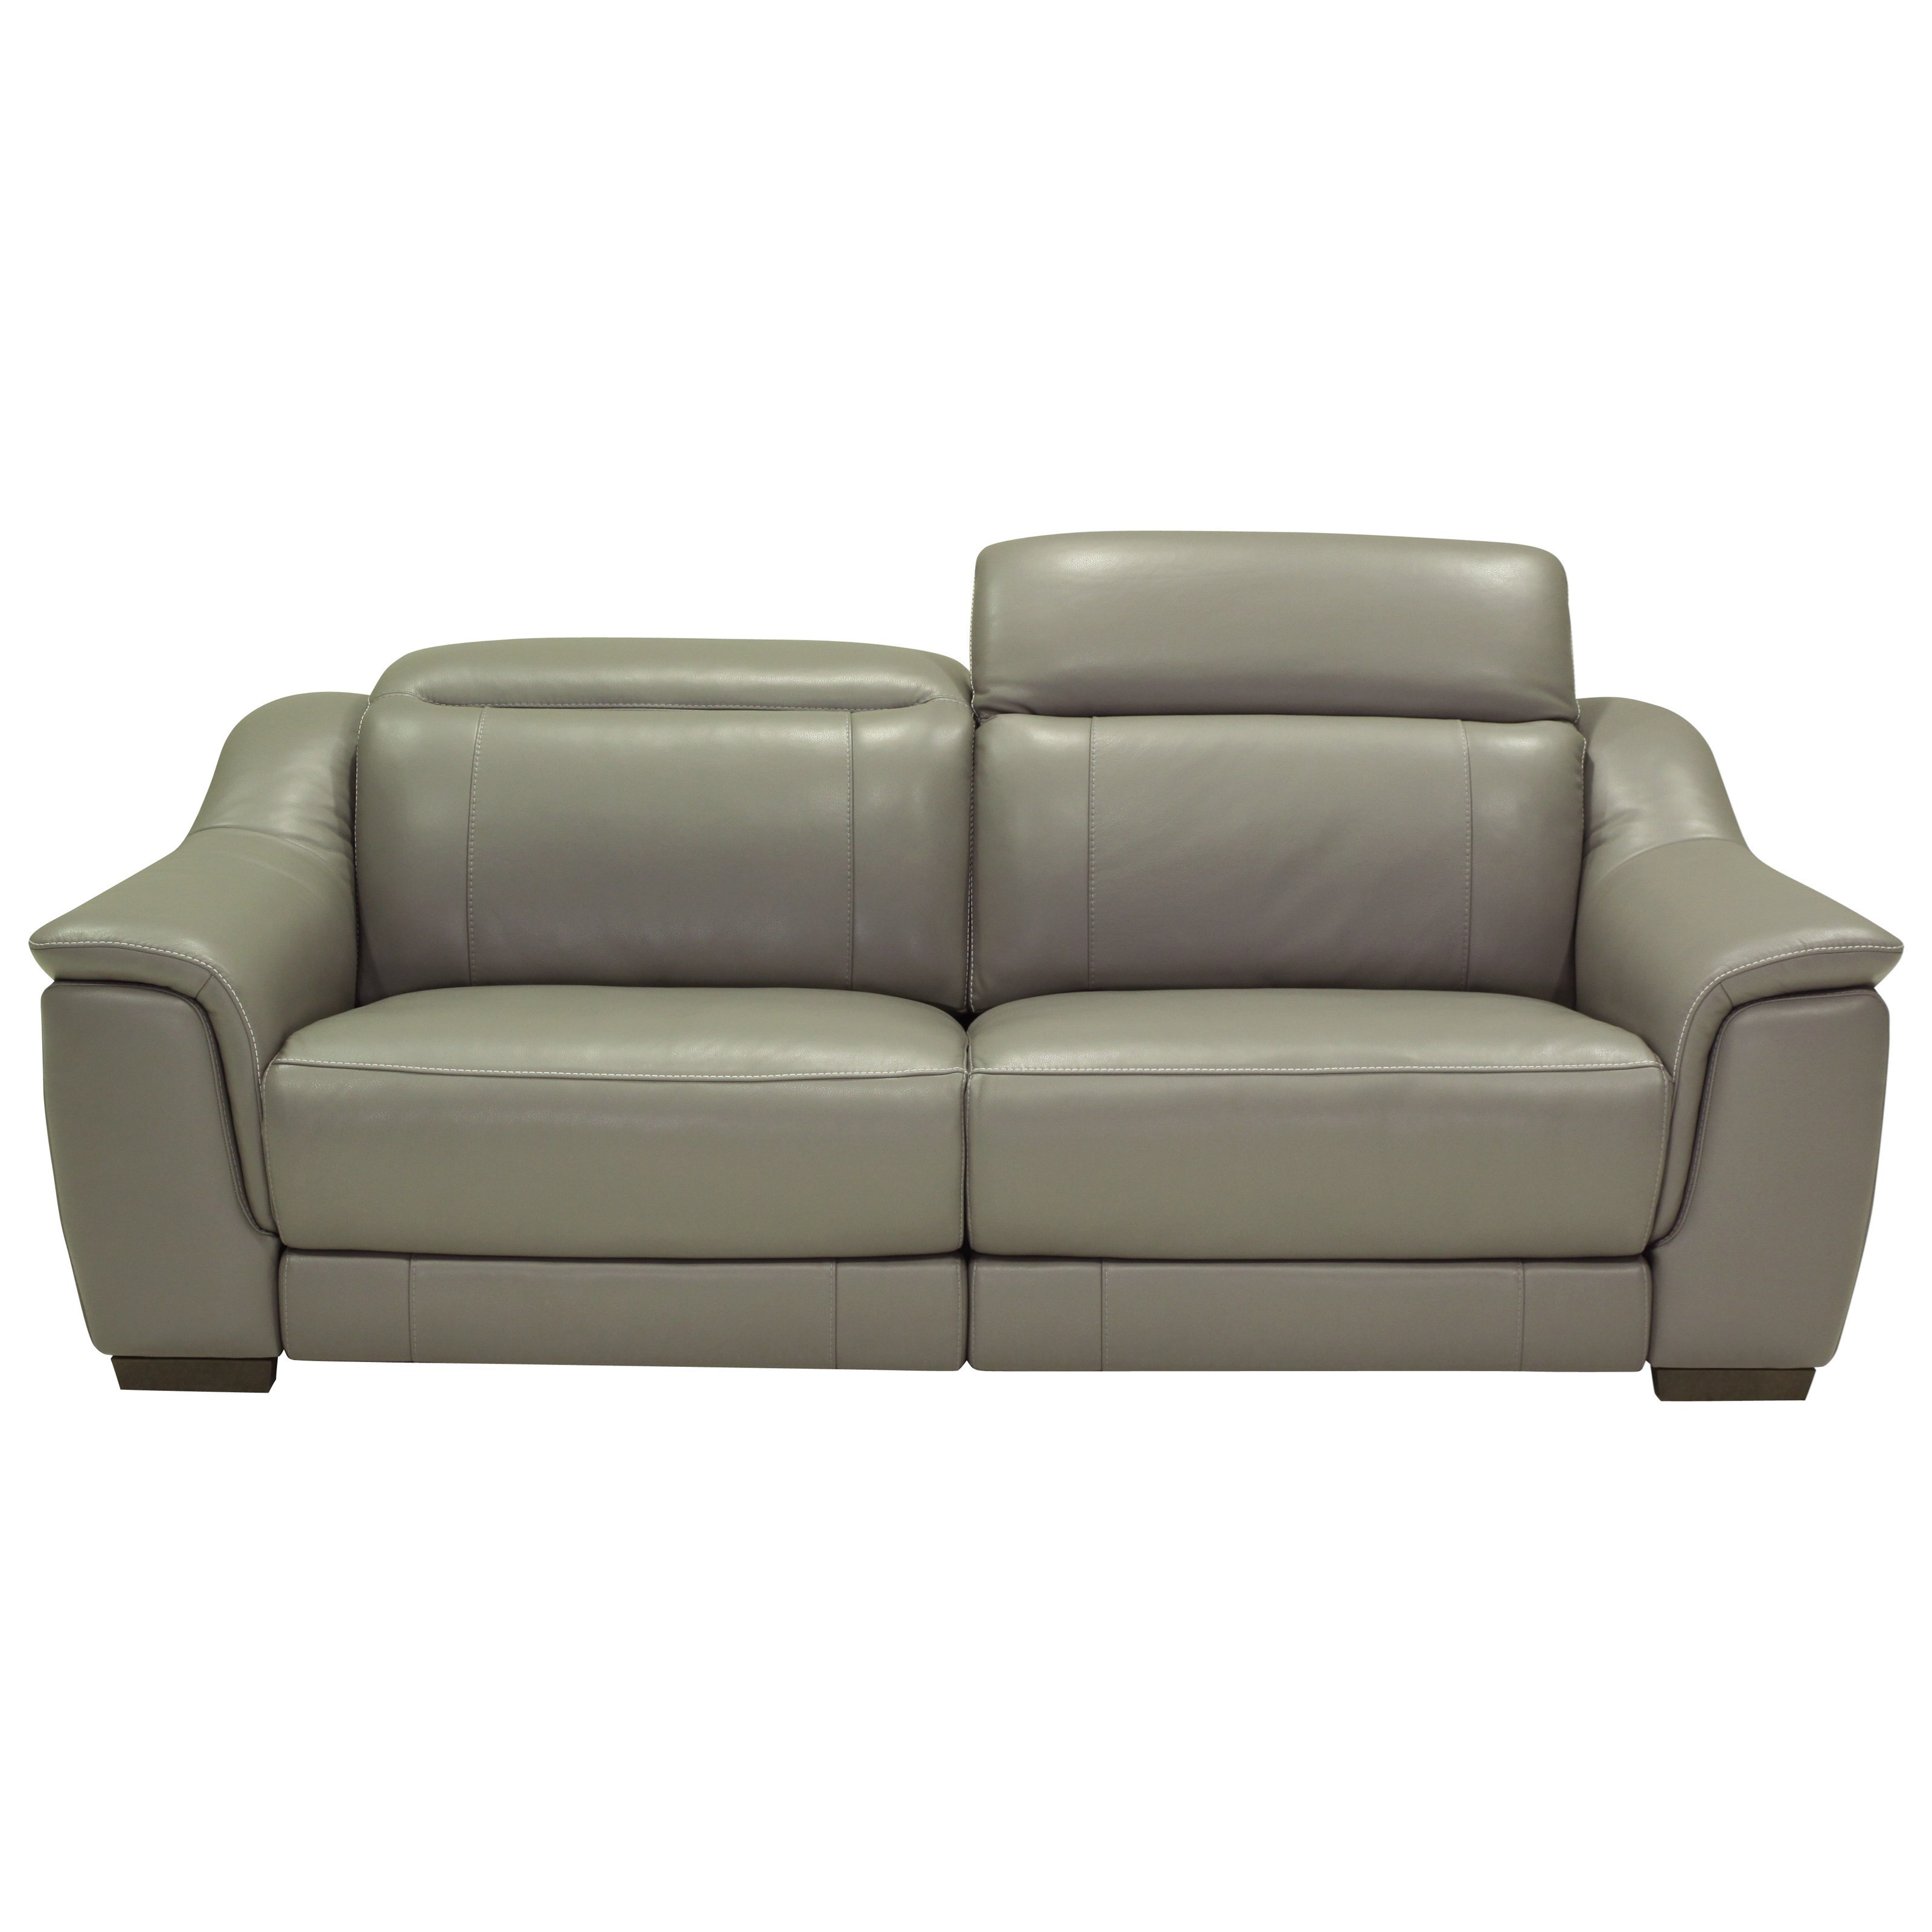 htl 9557 9557 25s2va contemporary power reclining sofa hudson s rh hudsonsfurniture com htl reclining sofa sabine HTL Leather Reclining Sofa 10860